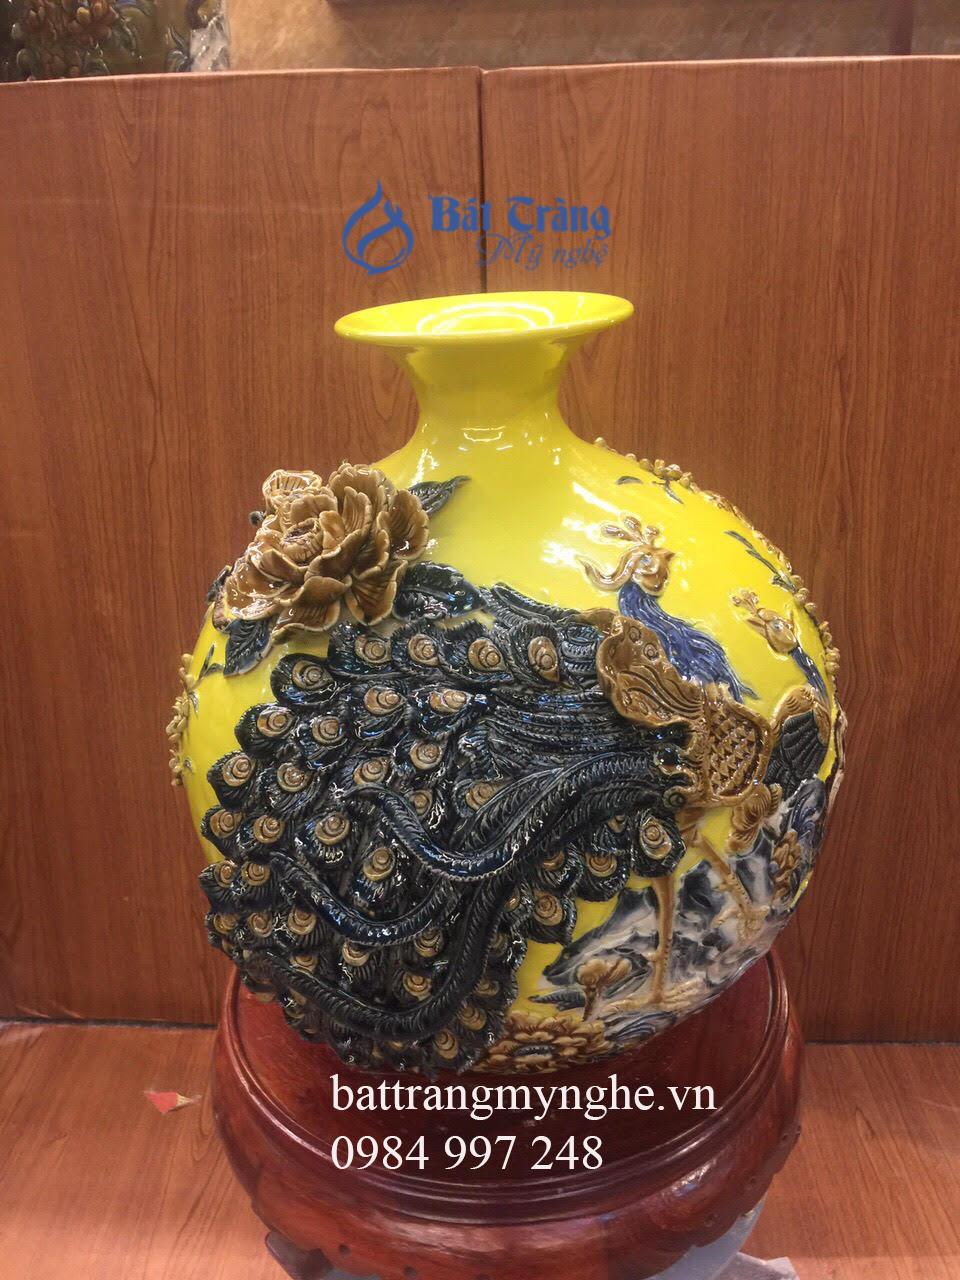 Bình hút tài lộc đắp nổi - công đào vinh hoa phú quý men hoàng kim - cao 36cm